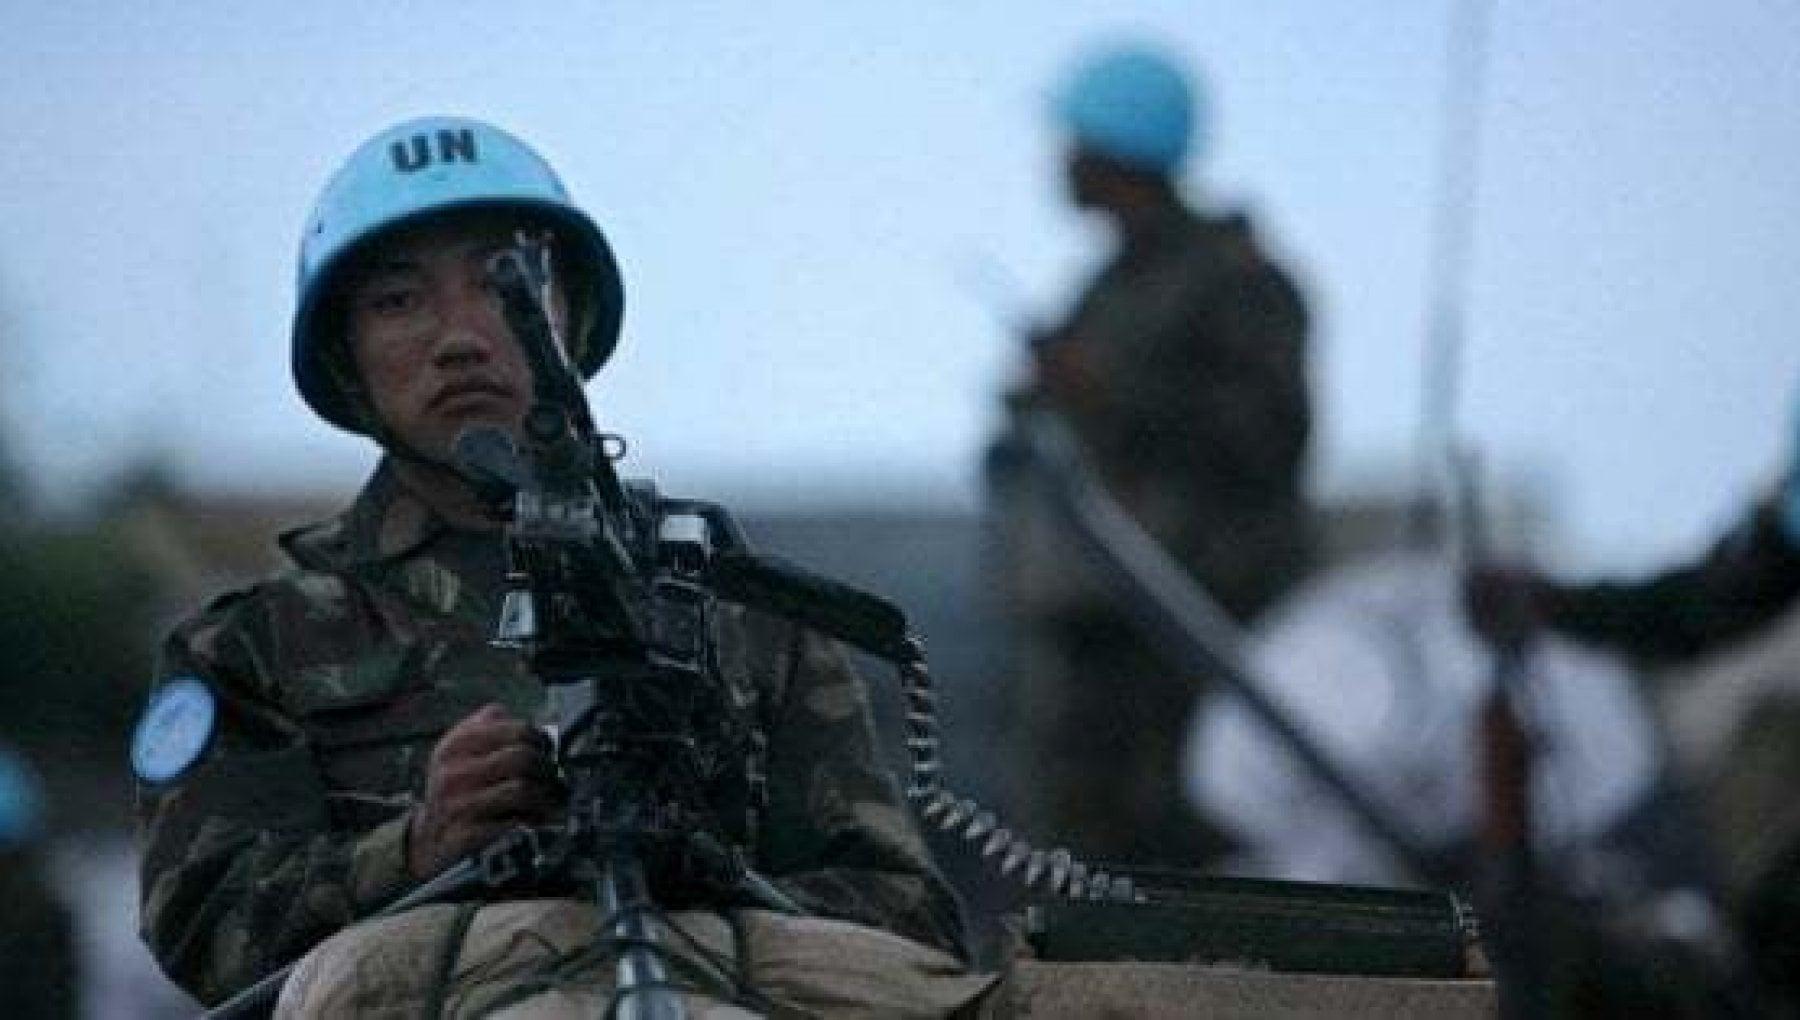 """034237610 4c25c3b9 ac3d 411d a8b1 81c6b6a2176d - L'Onu: """"Tre caschi blu uccisi in Repubblica Centrafricana"""""""